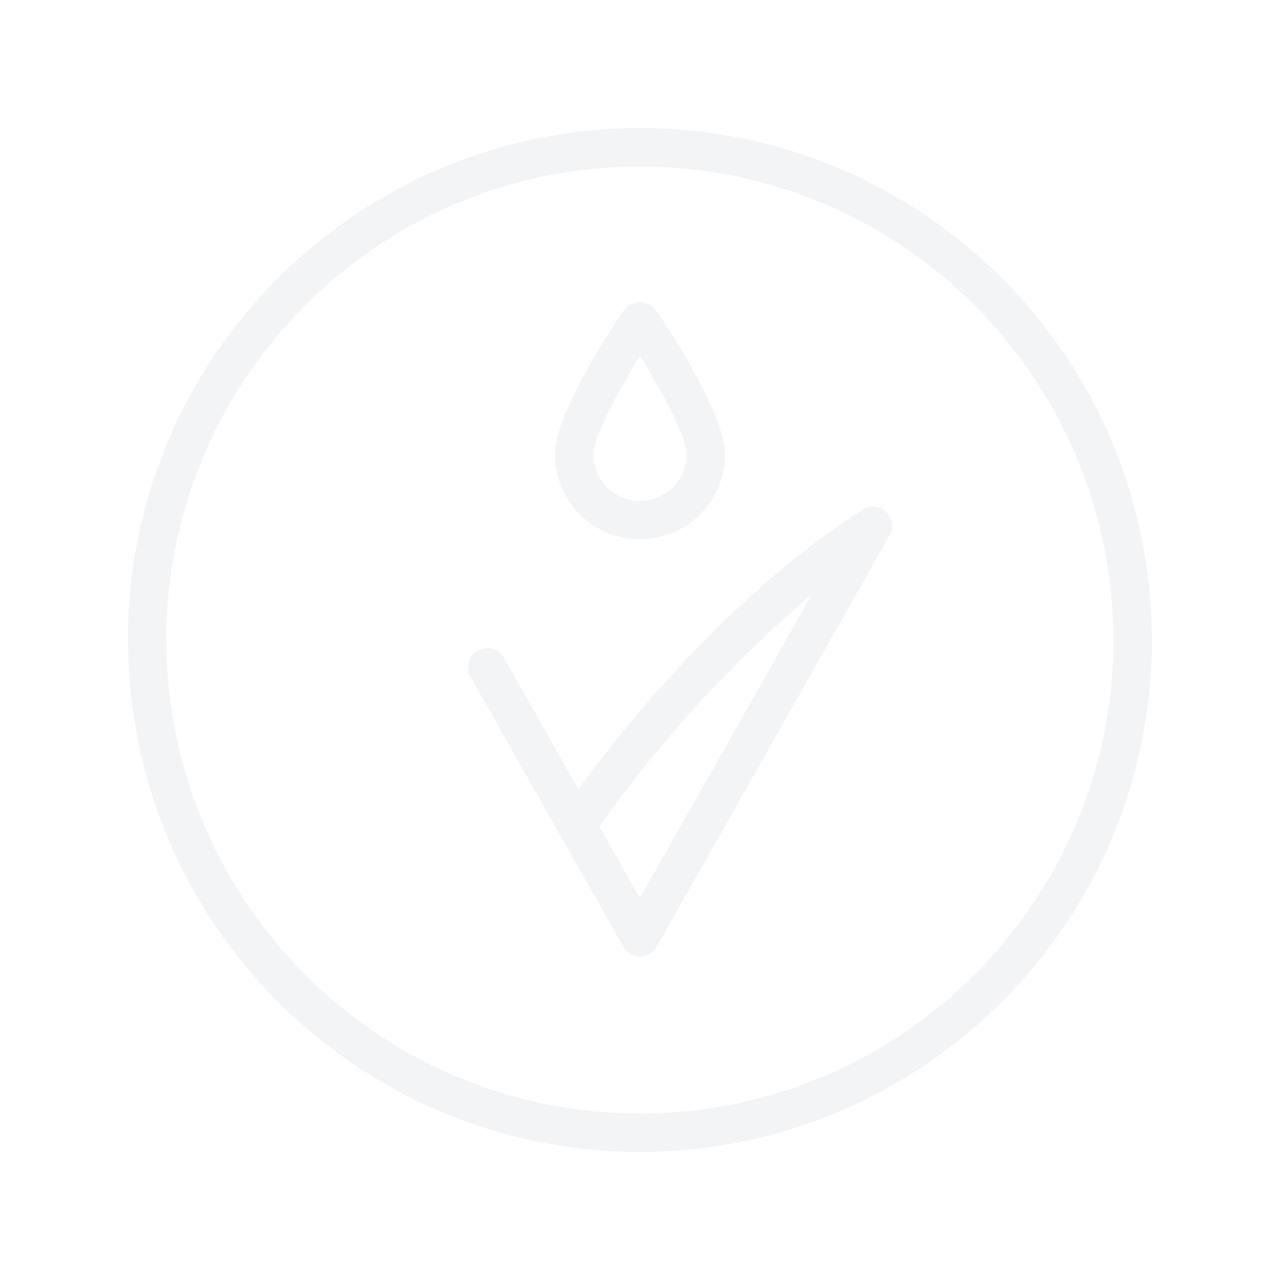 YVES SAINT LAURENT Black Opium Floral Shock Eau De Parfum